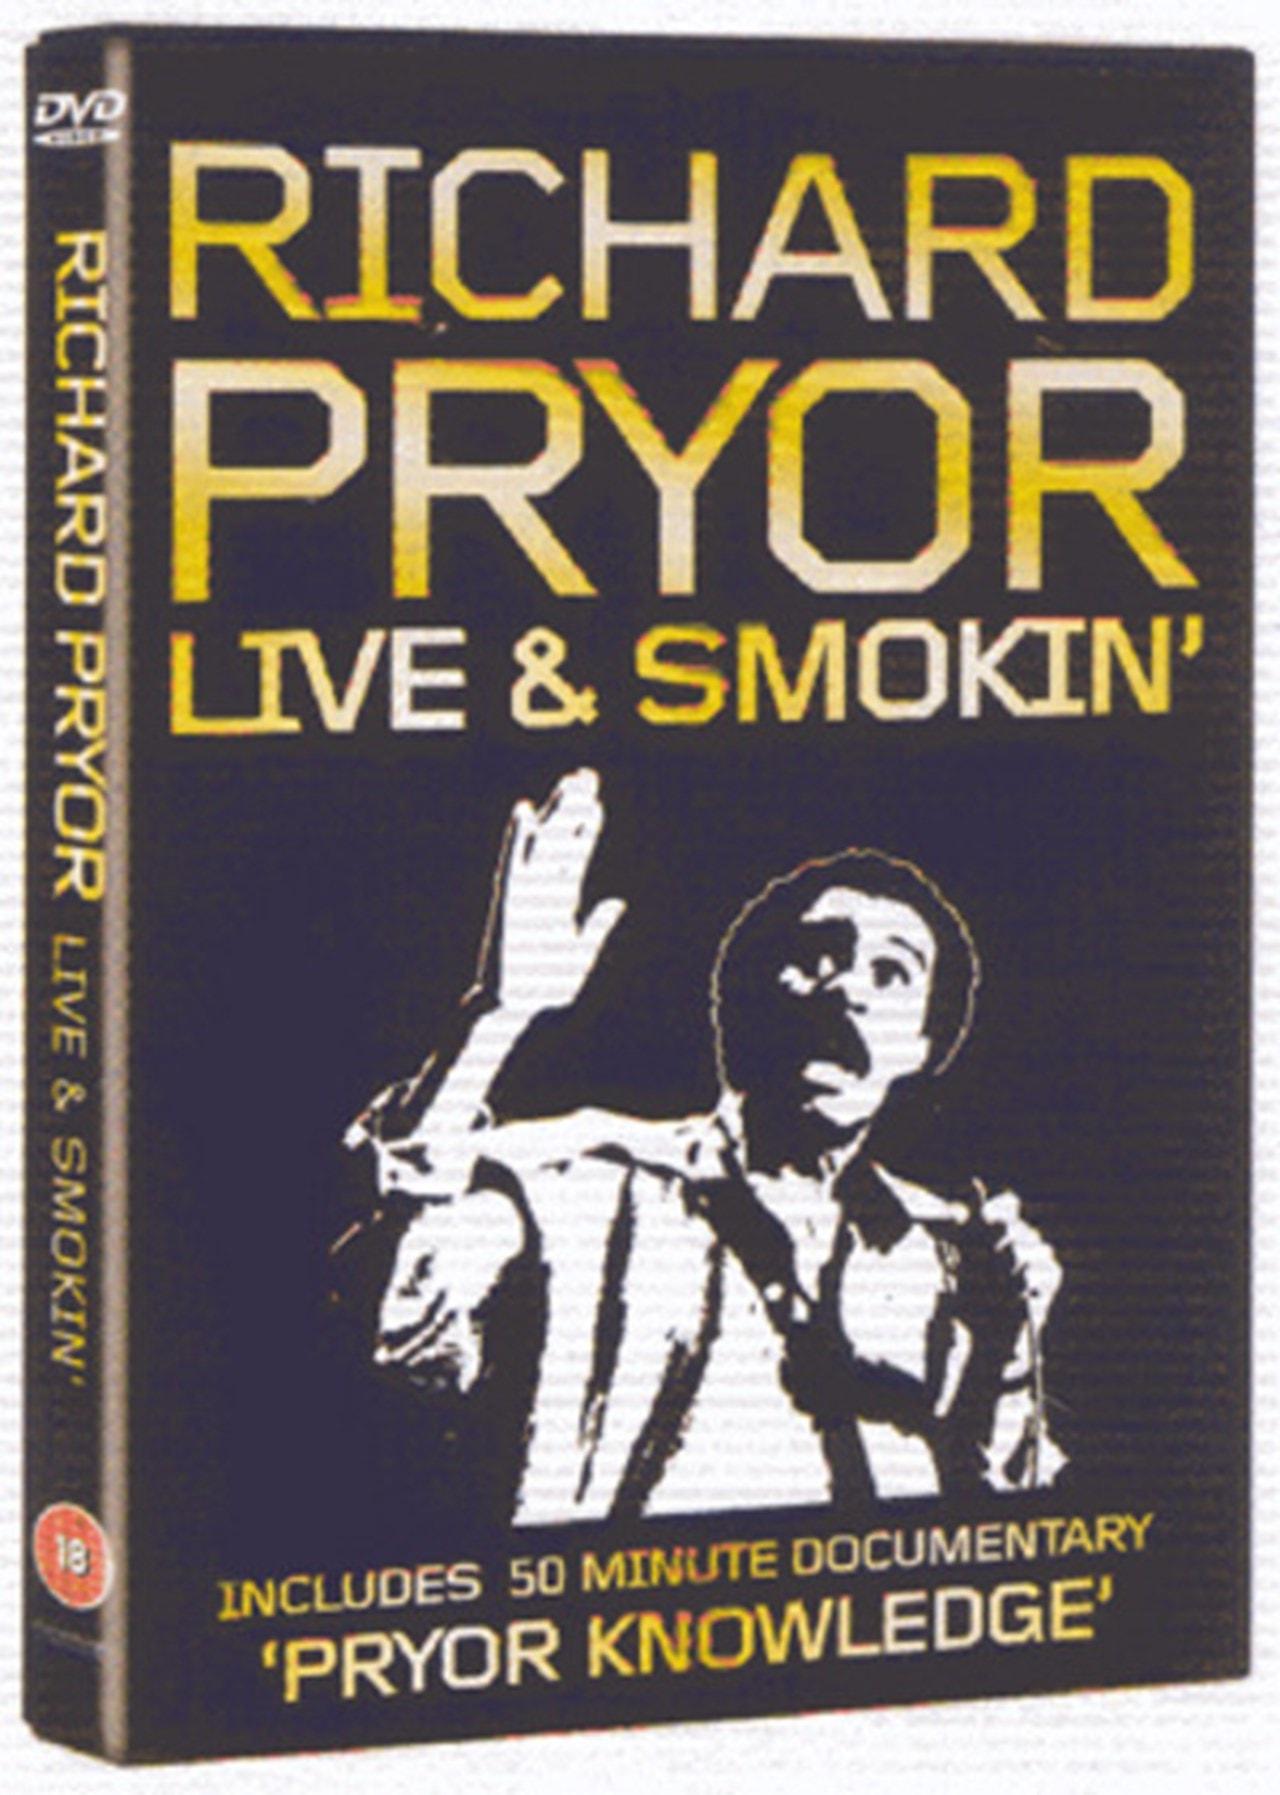 Richard Pryor: Live and Smokin' - 1